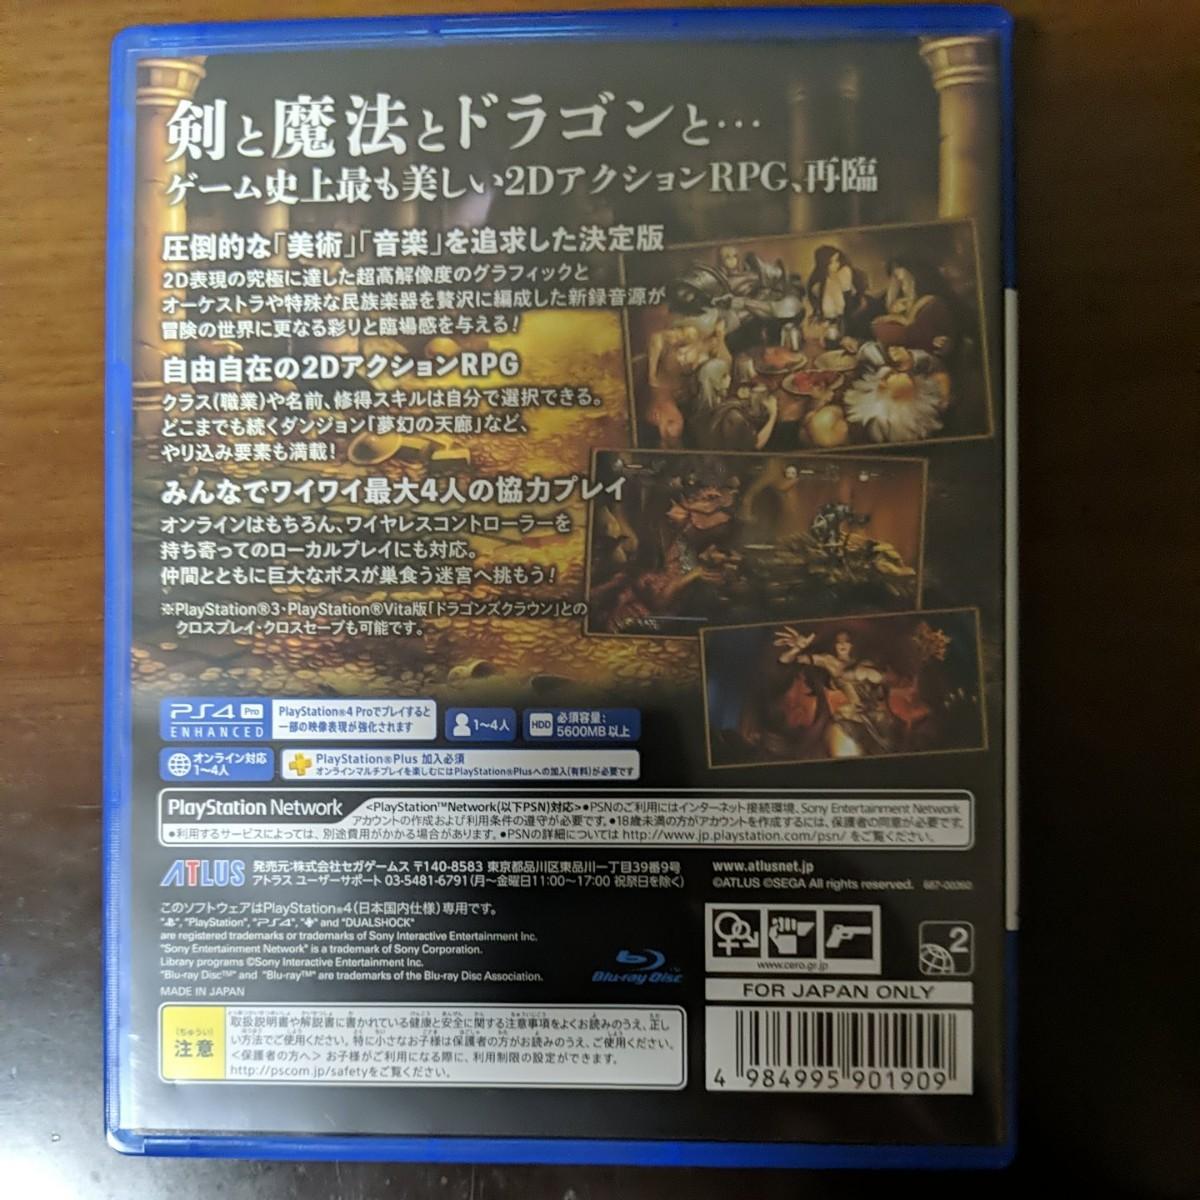 【PS4】 ドラゴンズクラウン・プロ dragons crown